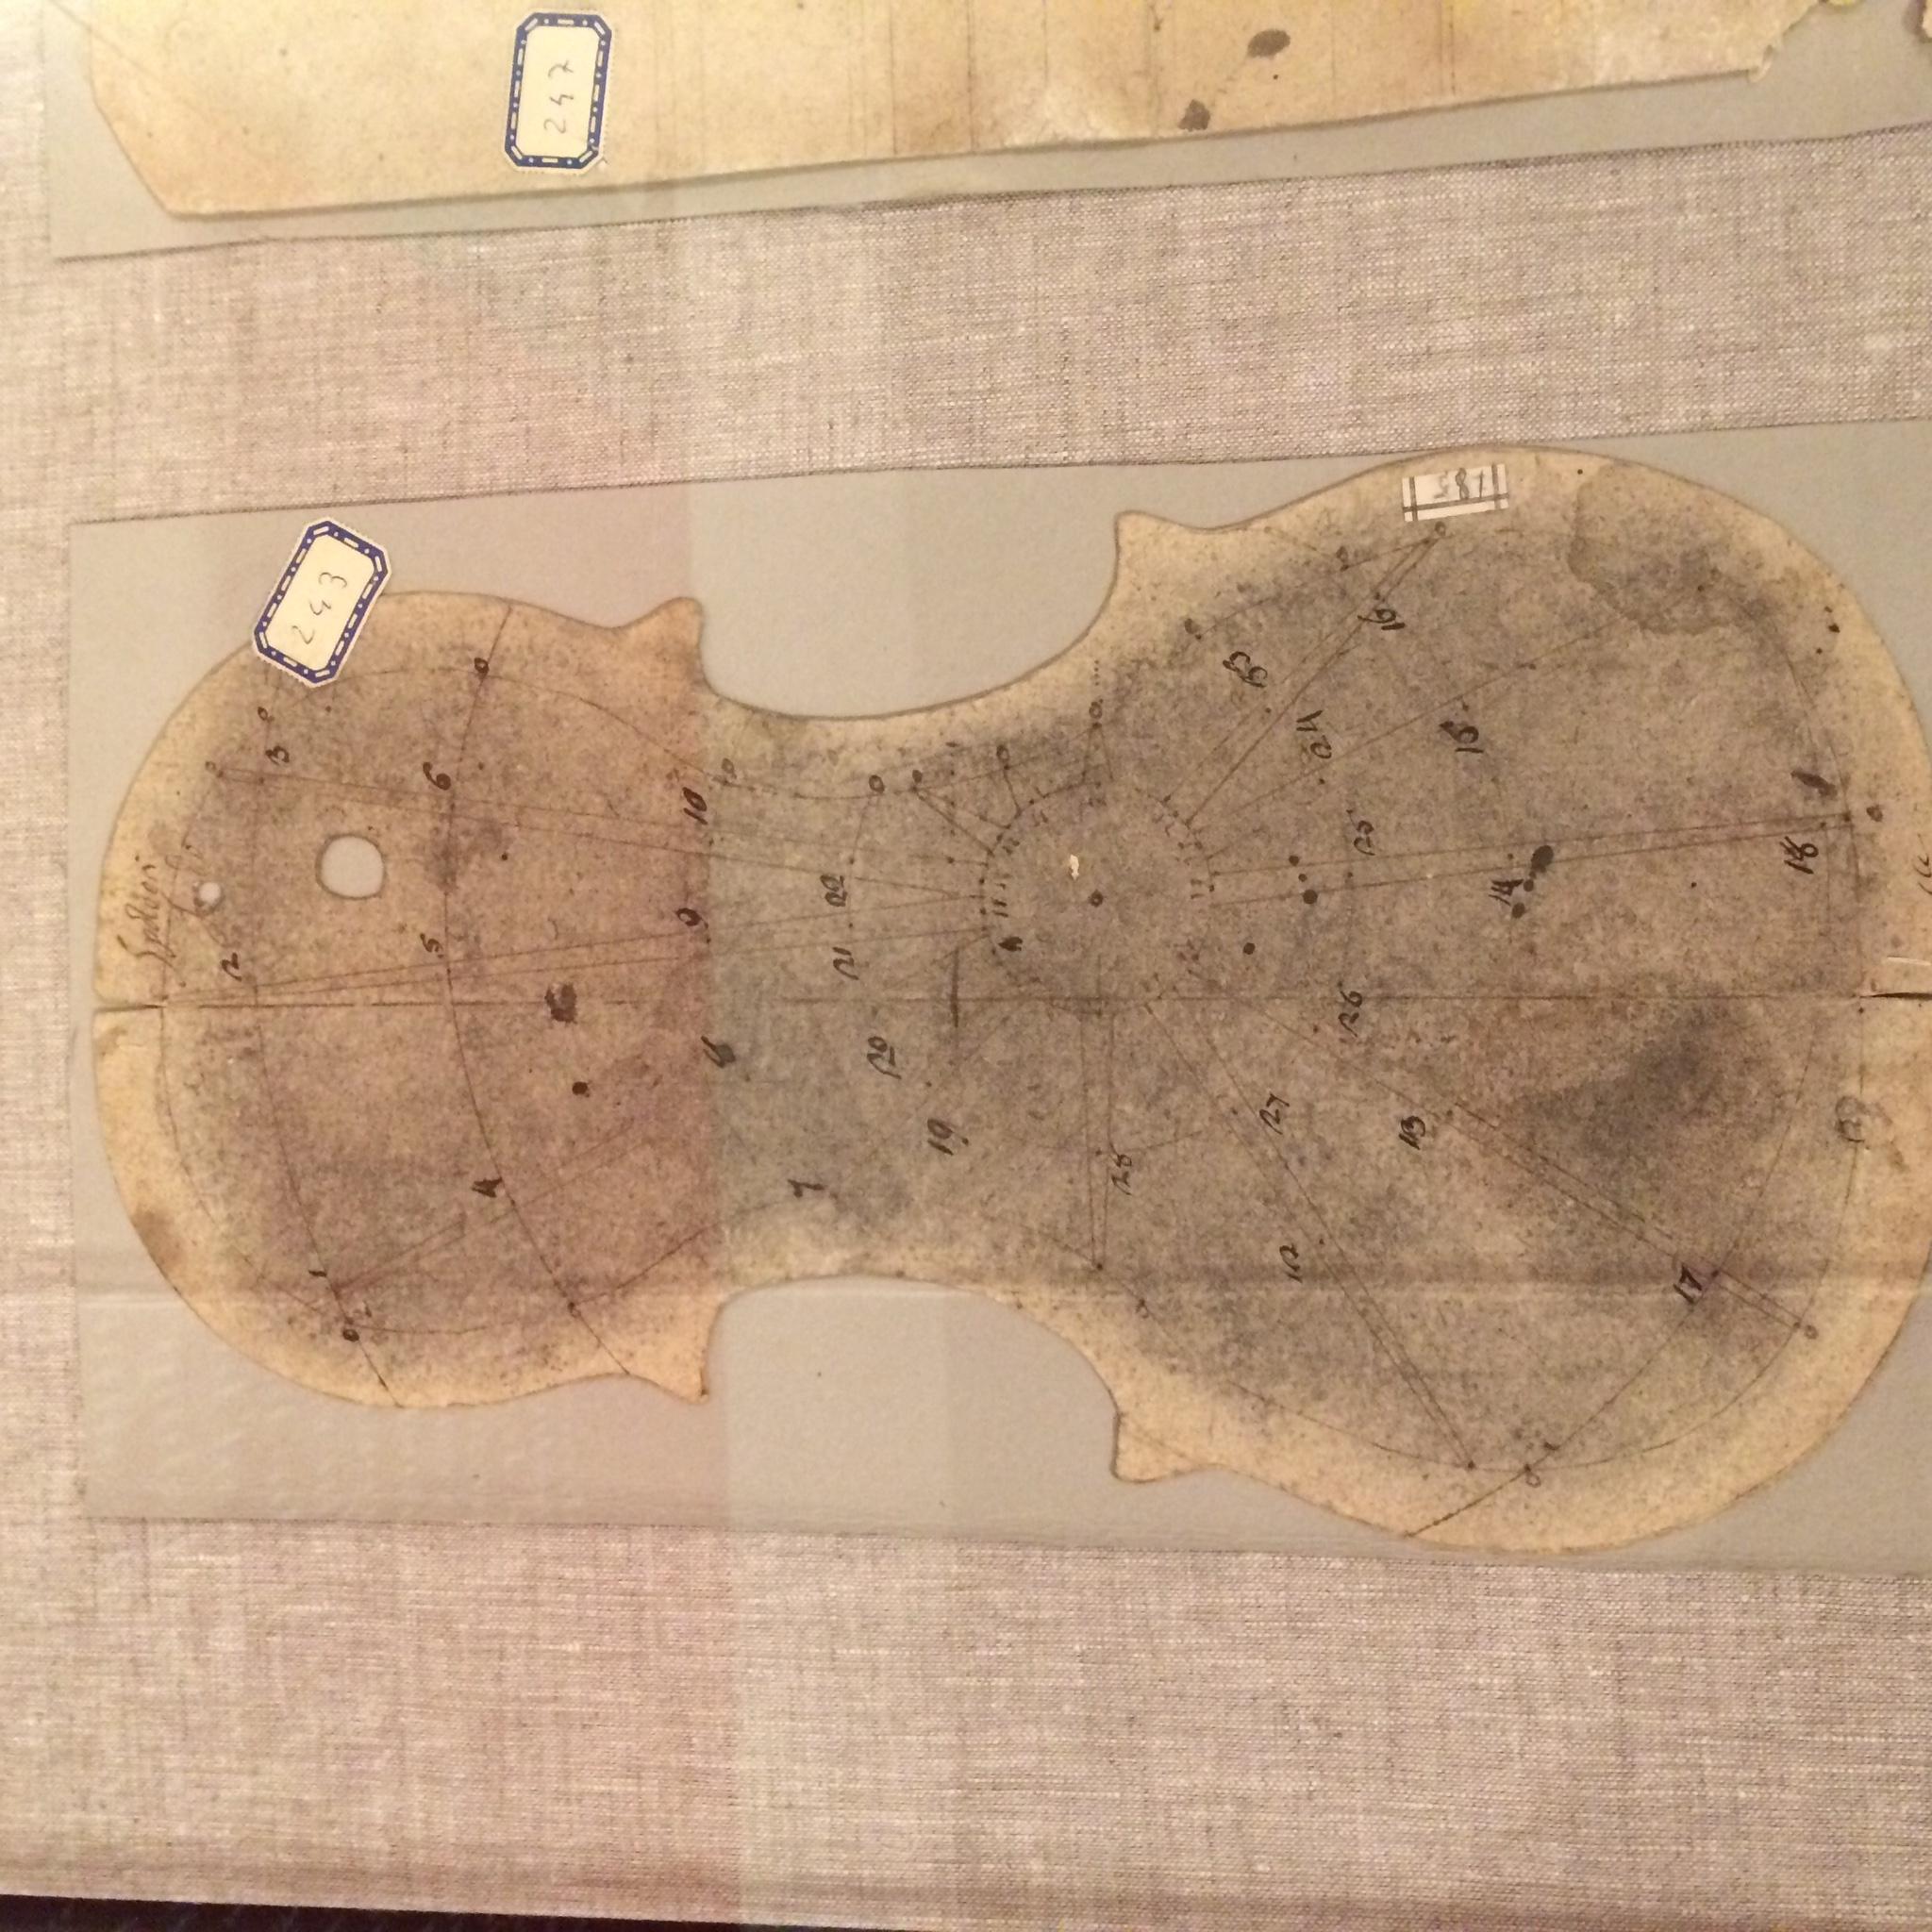 Template from Stradivari's workshop